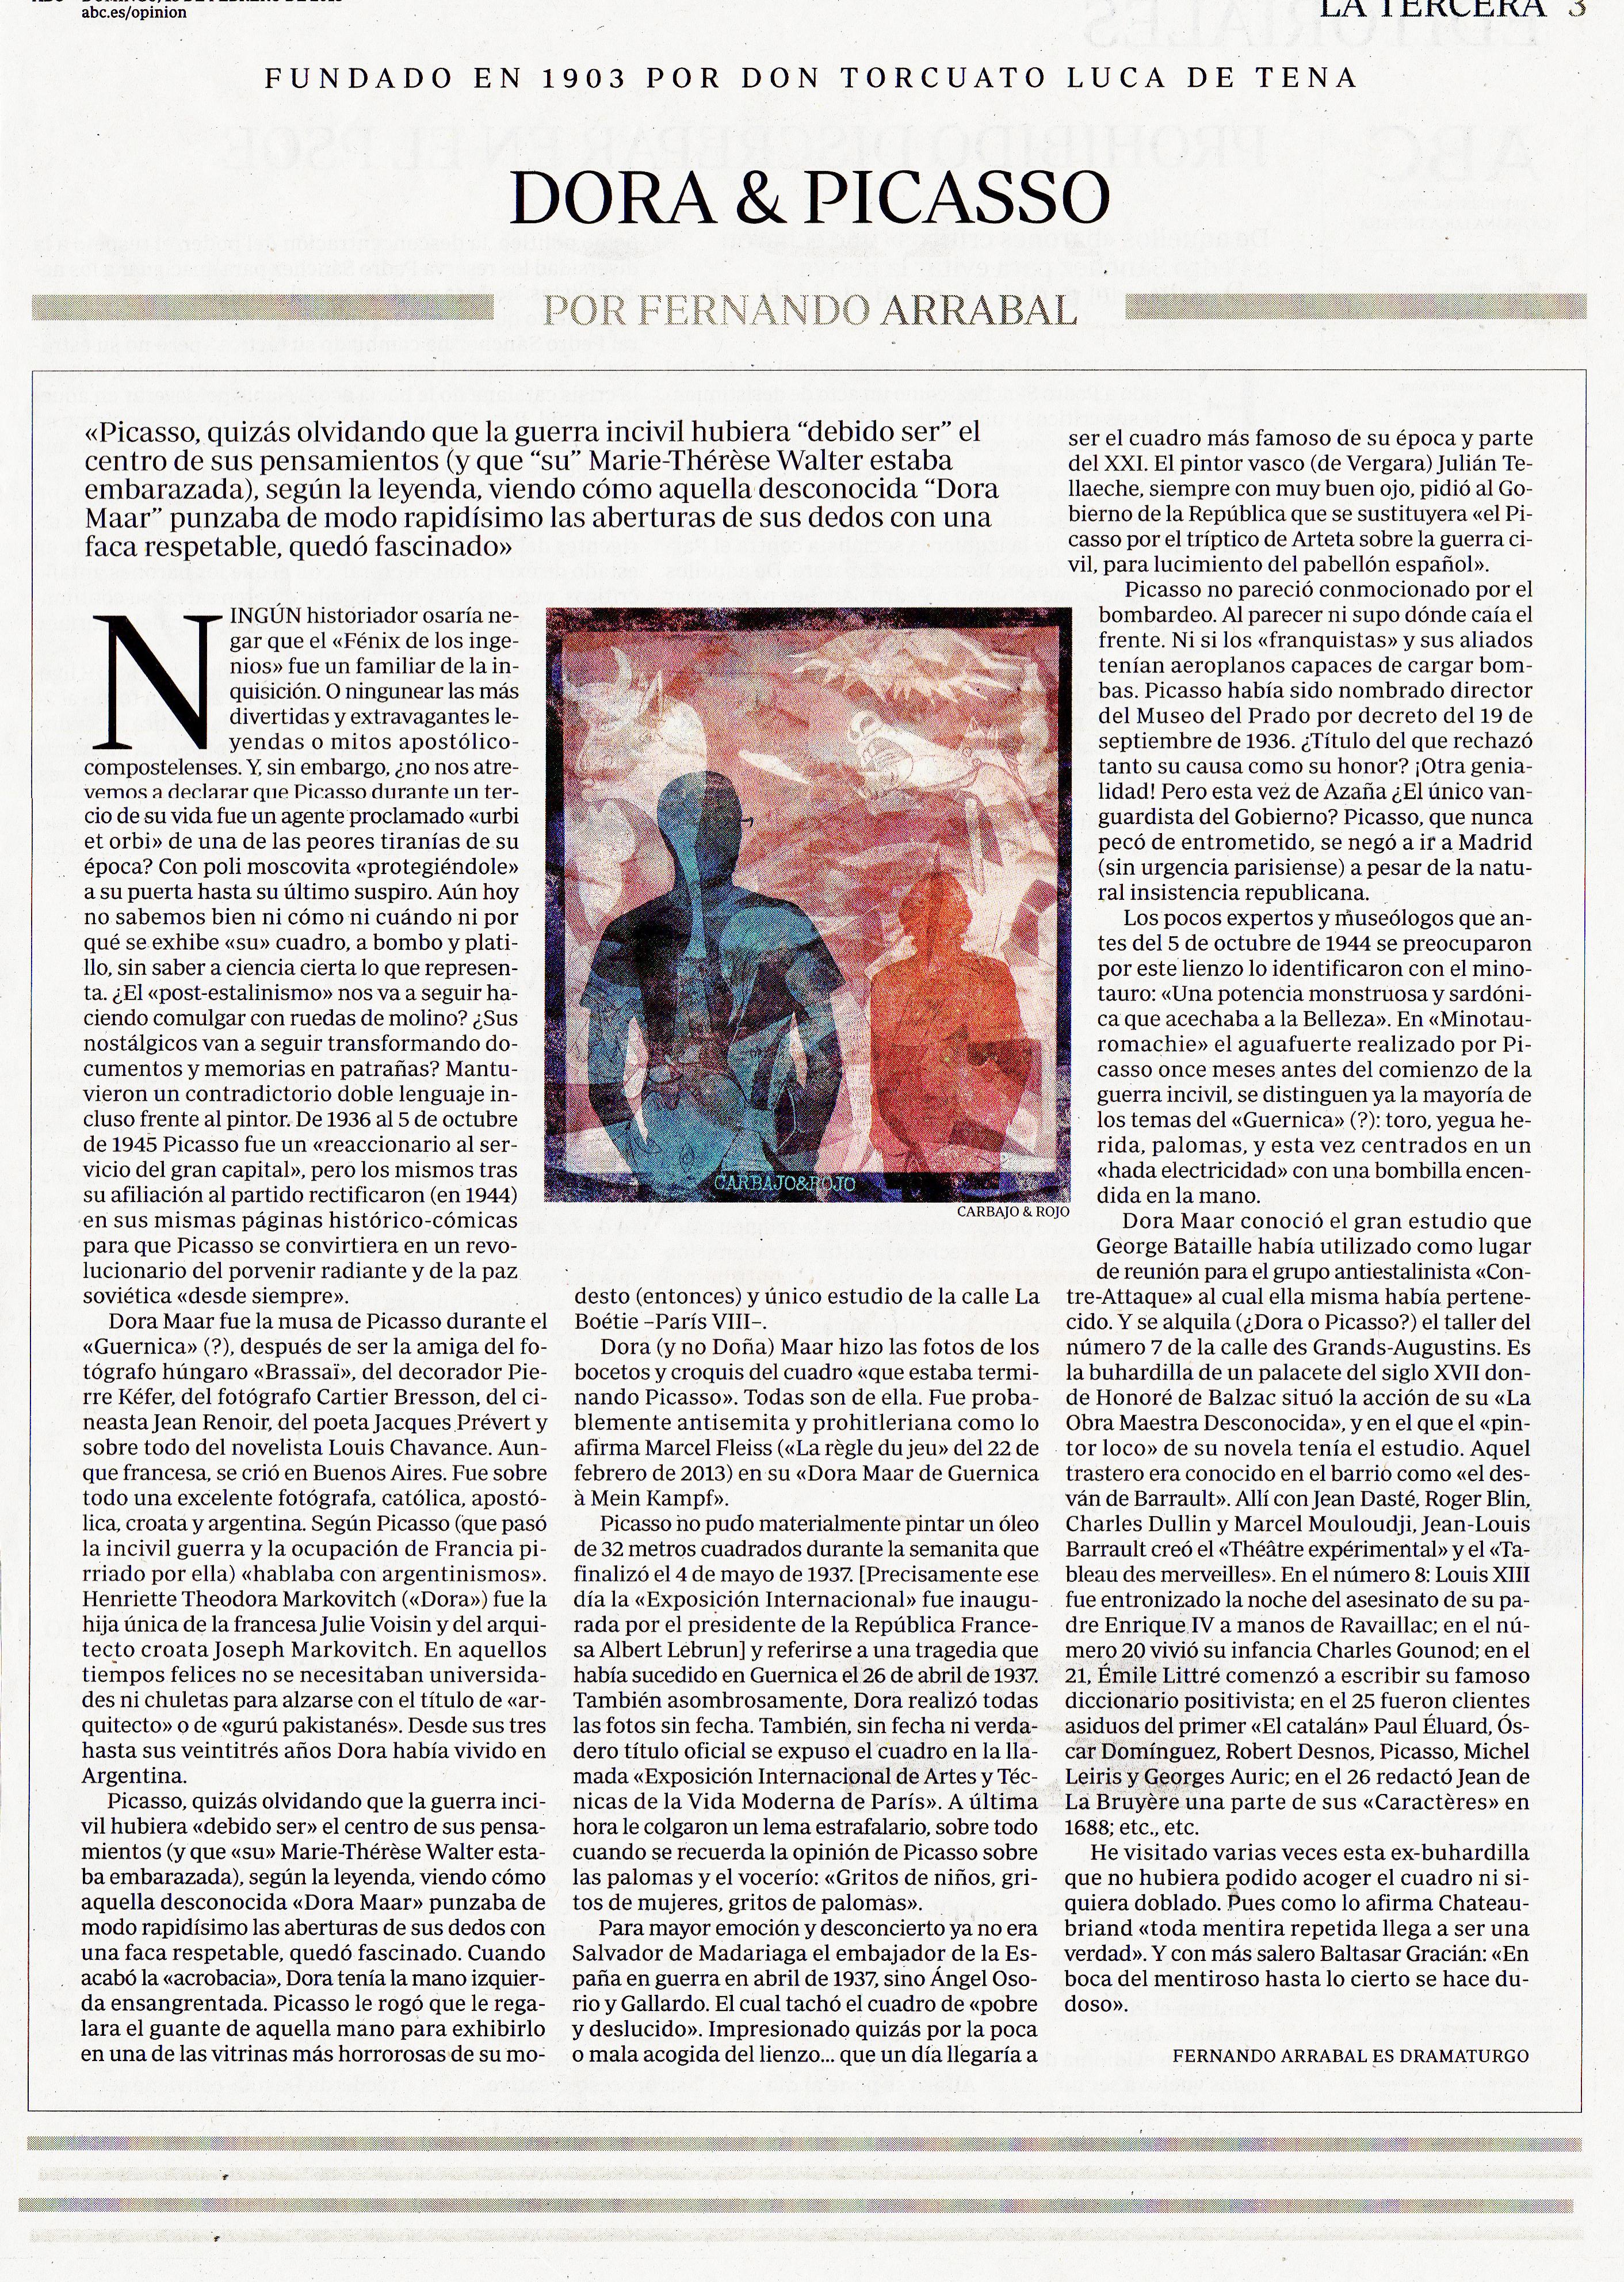 Troisième page du journal espagnol ABC, 18/02/2018.